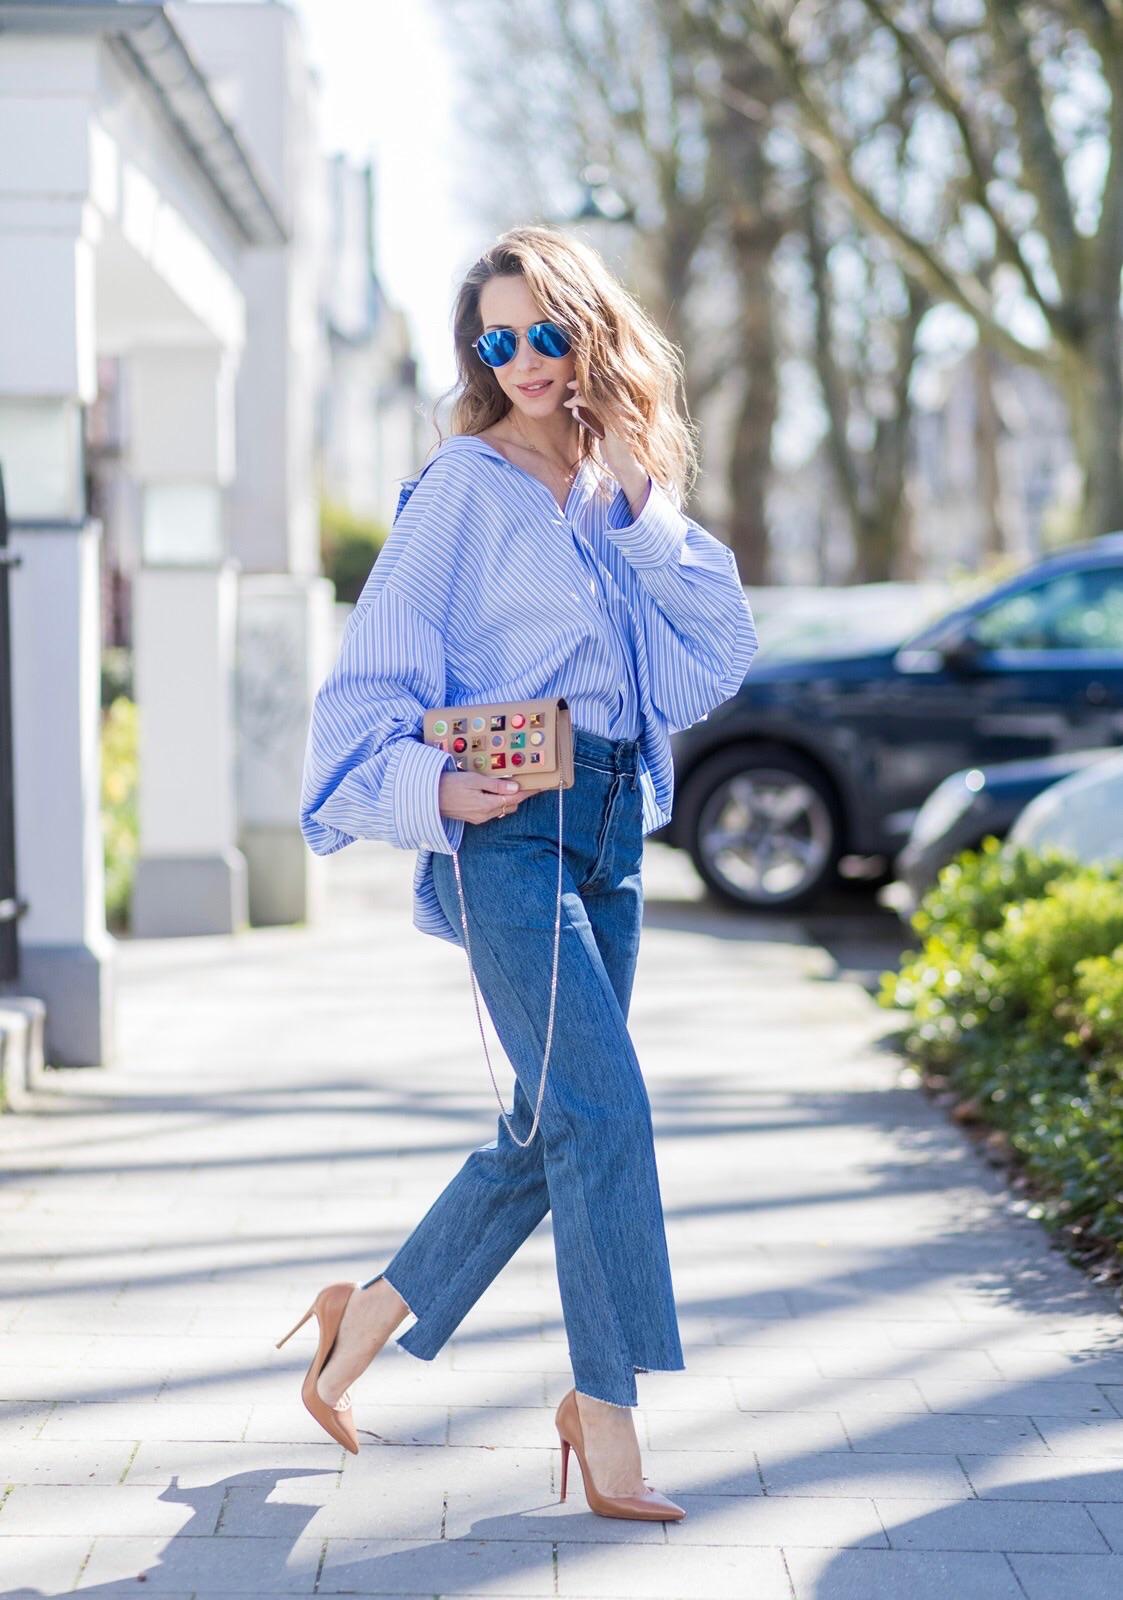 áo sơ mi kẻ sọc mặc cùng quần jeans ống loe alexanda lapp